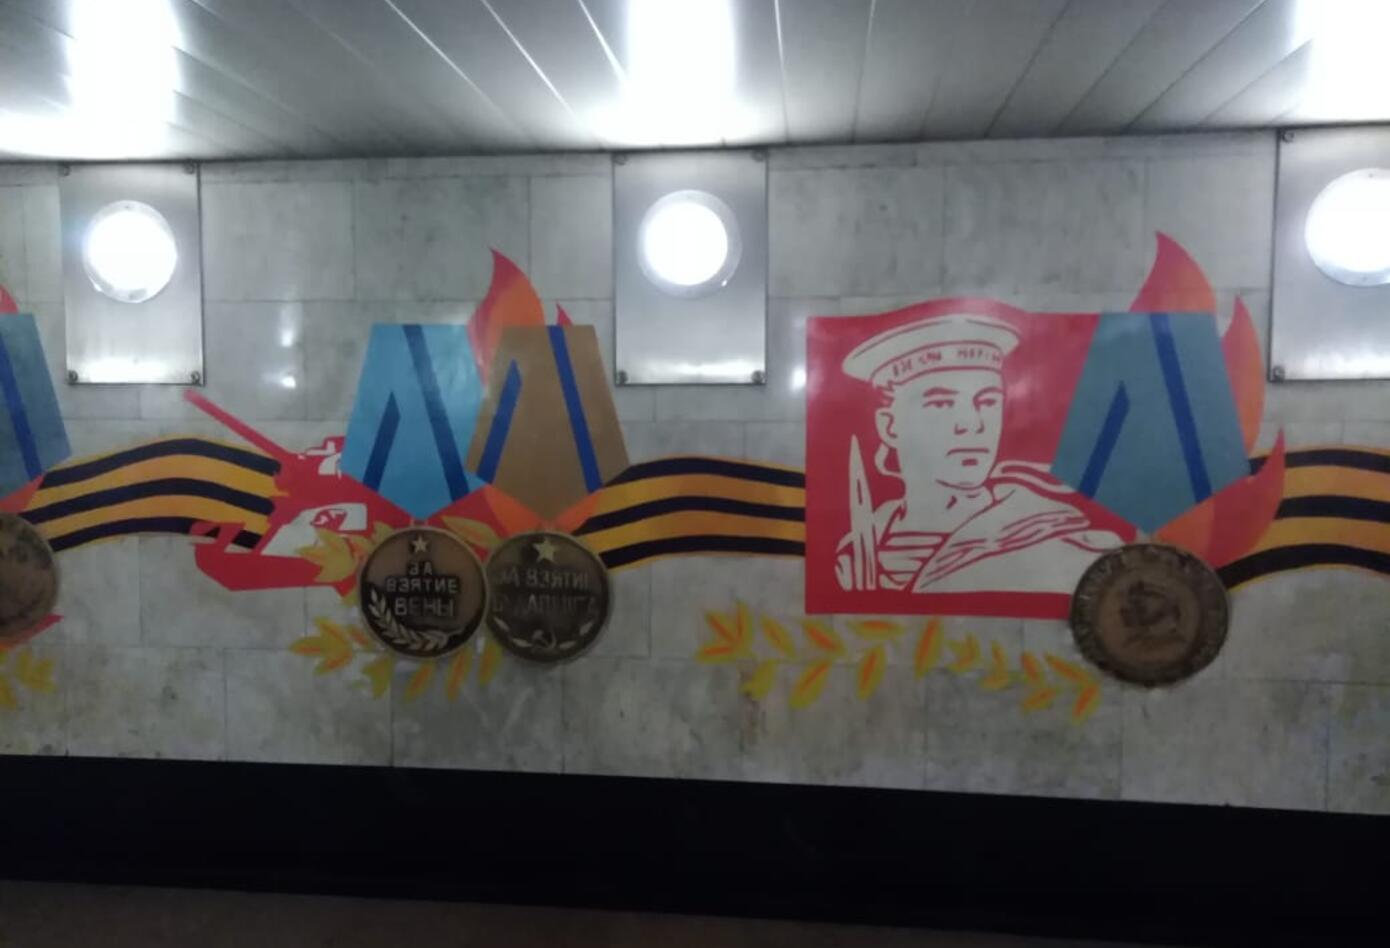 Varias curiosidades tiene la estación de Park Pobedy, en el metro de Moscú.